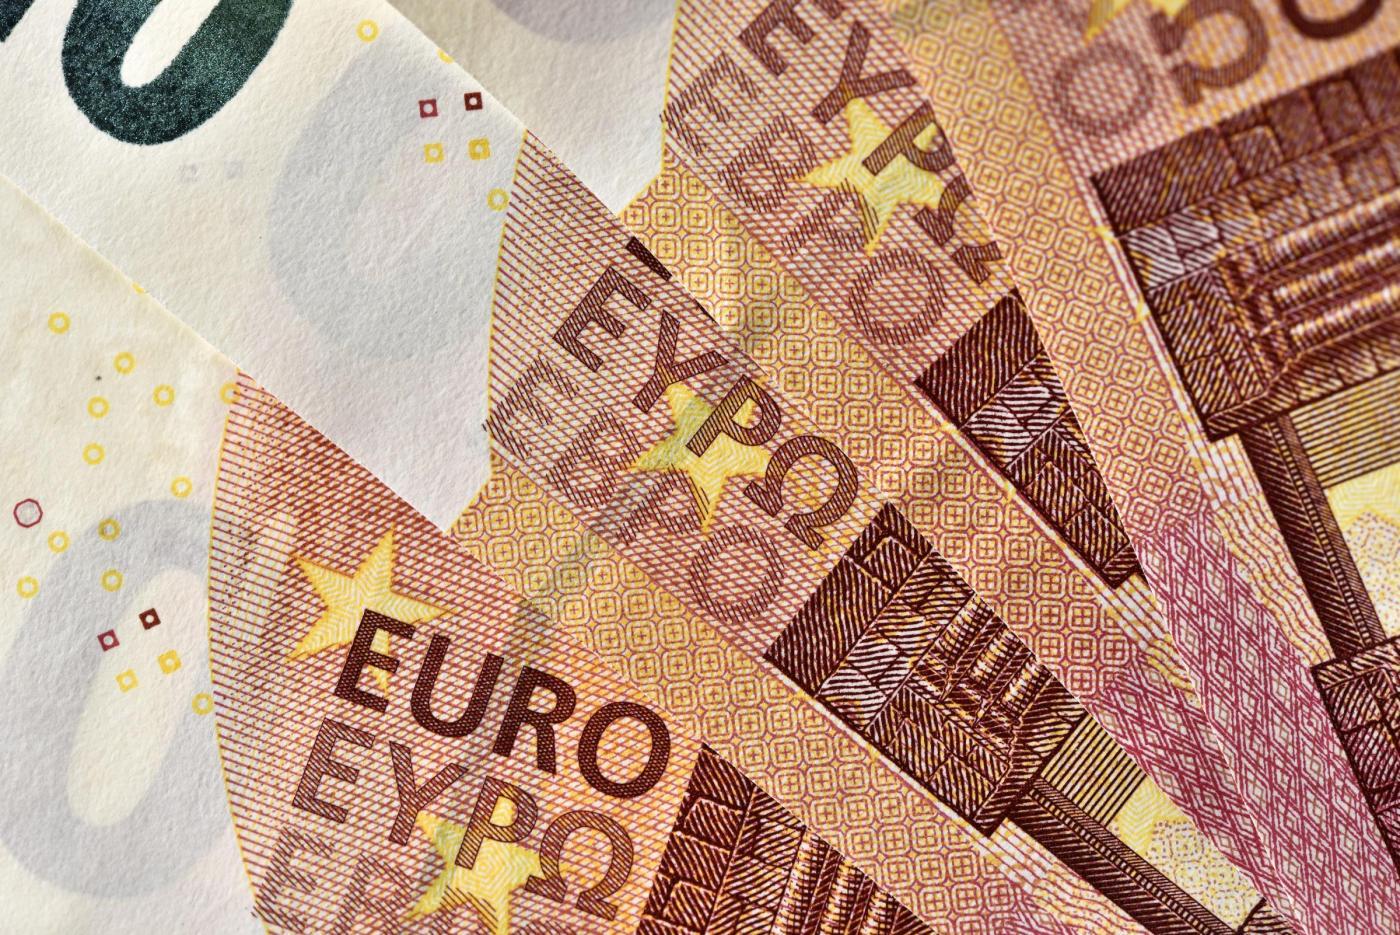 Le nuove banconote da 10 euro